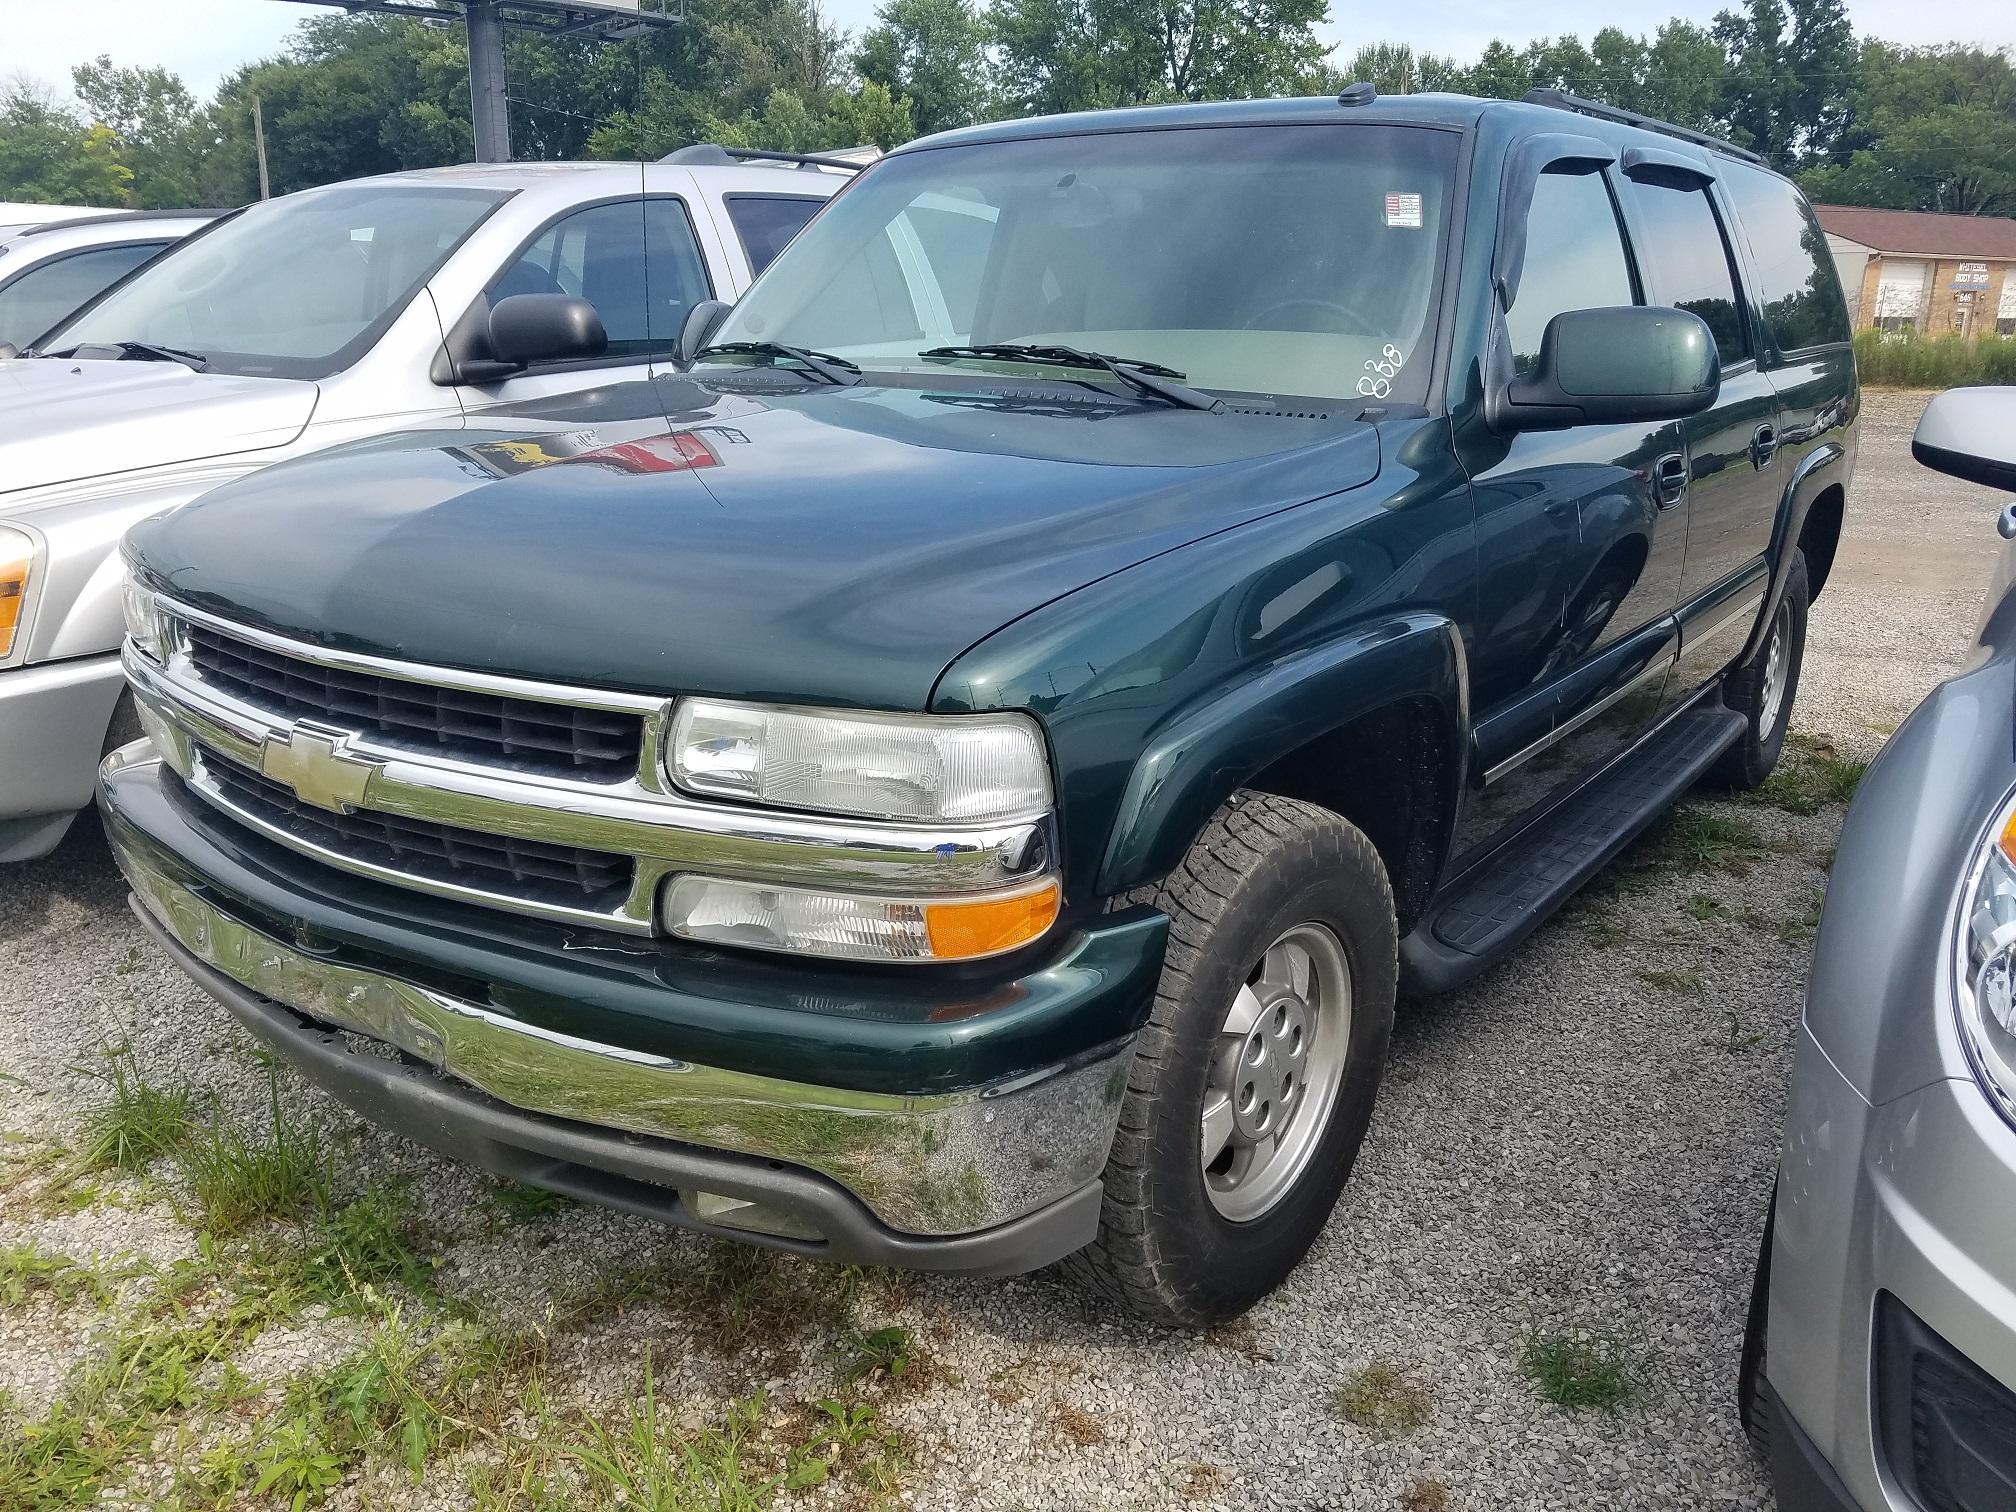 2003 Chevrolet Suburban 4×4 LT full